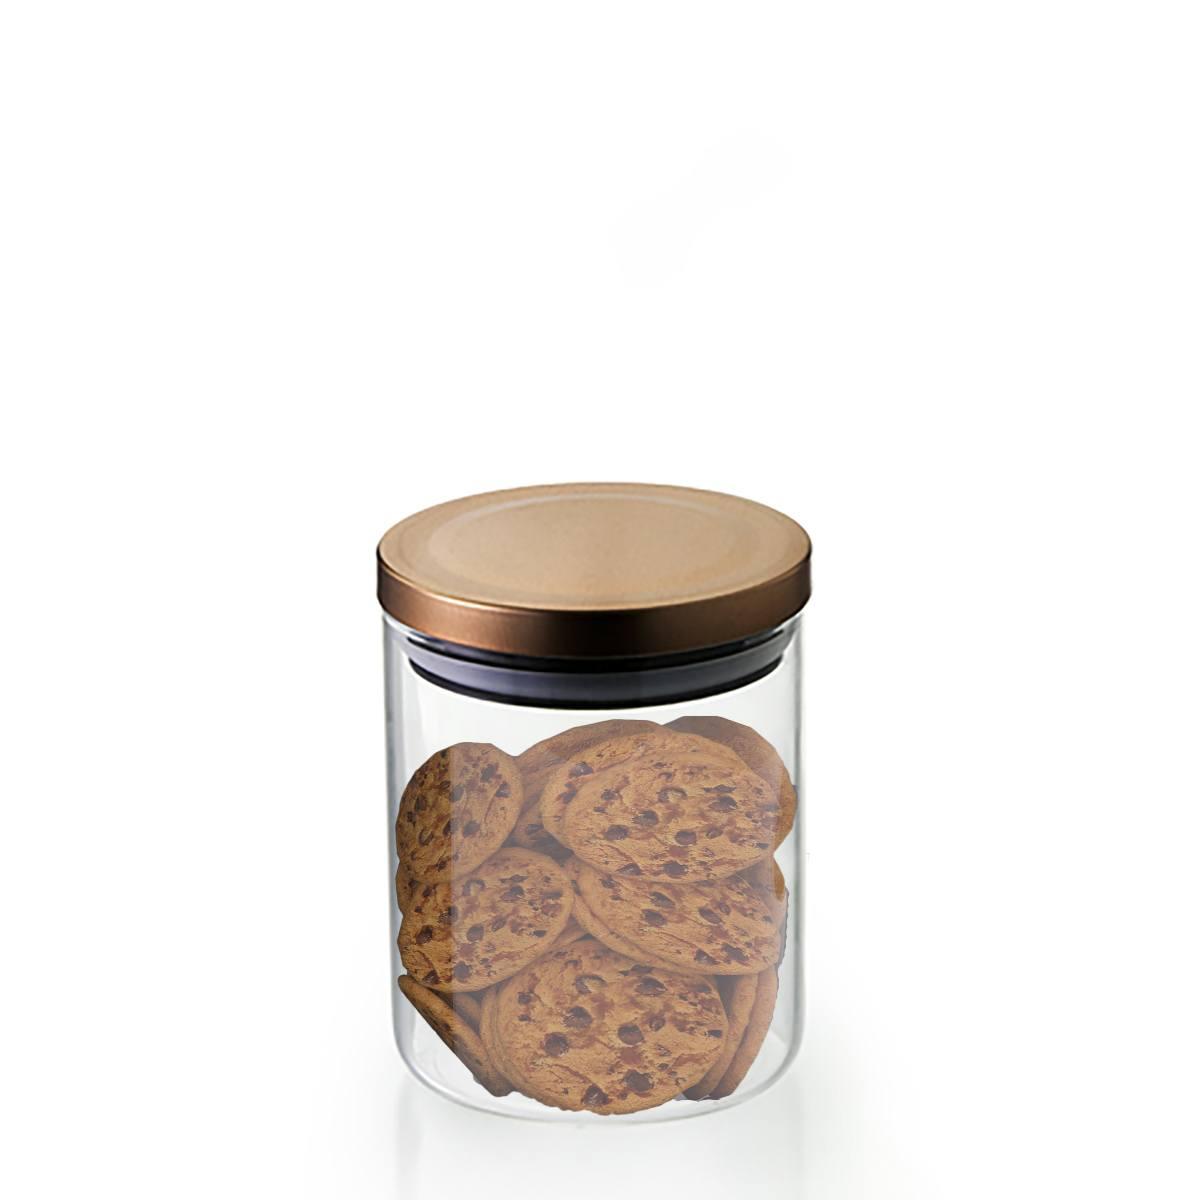 Pote hermético Borossilicato tampa bronze 750ml Mimo Style